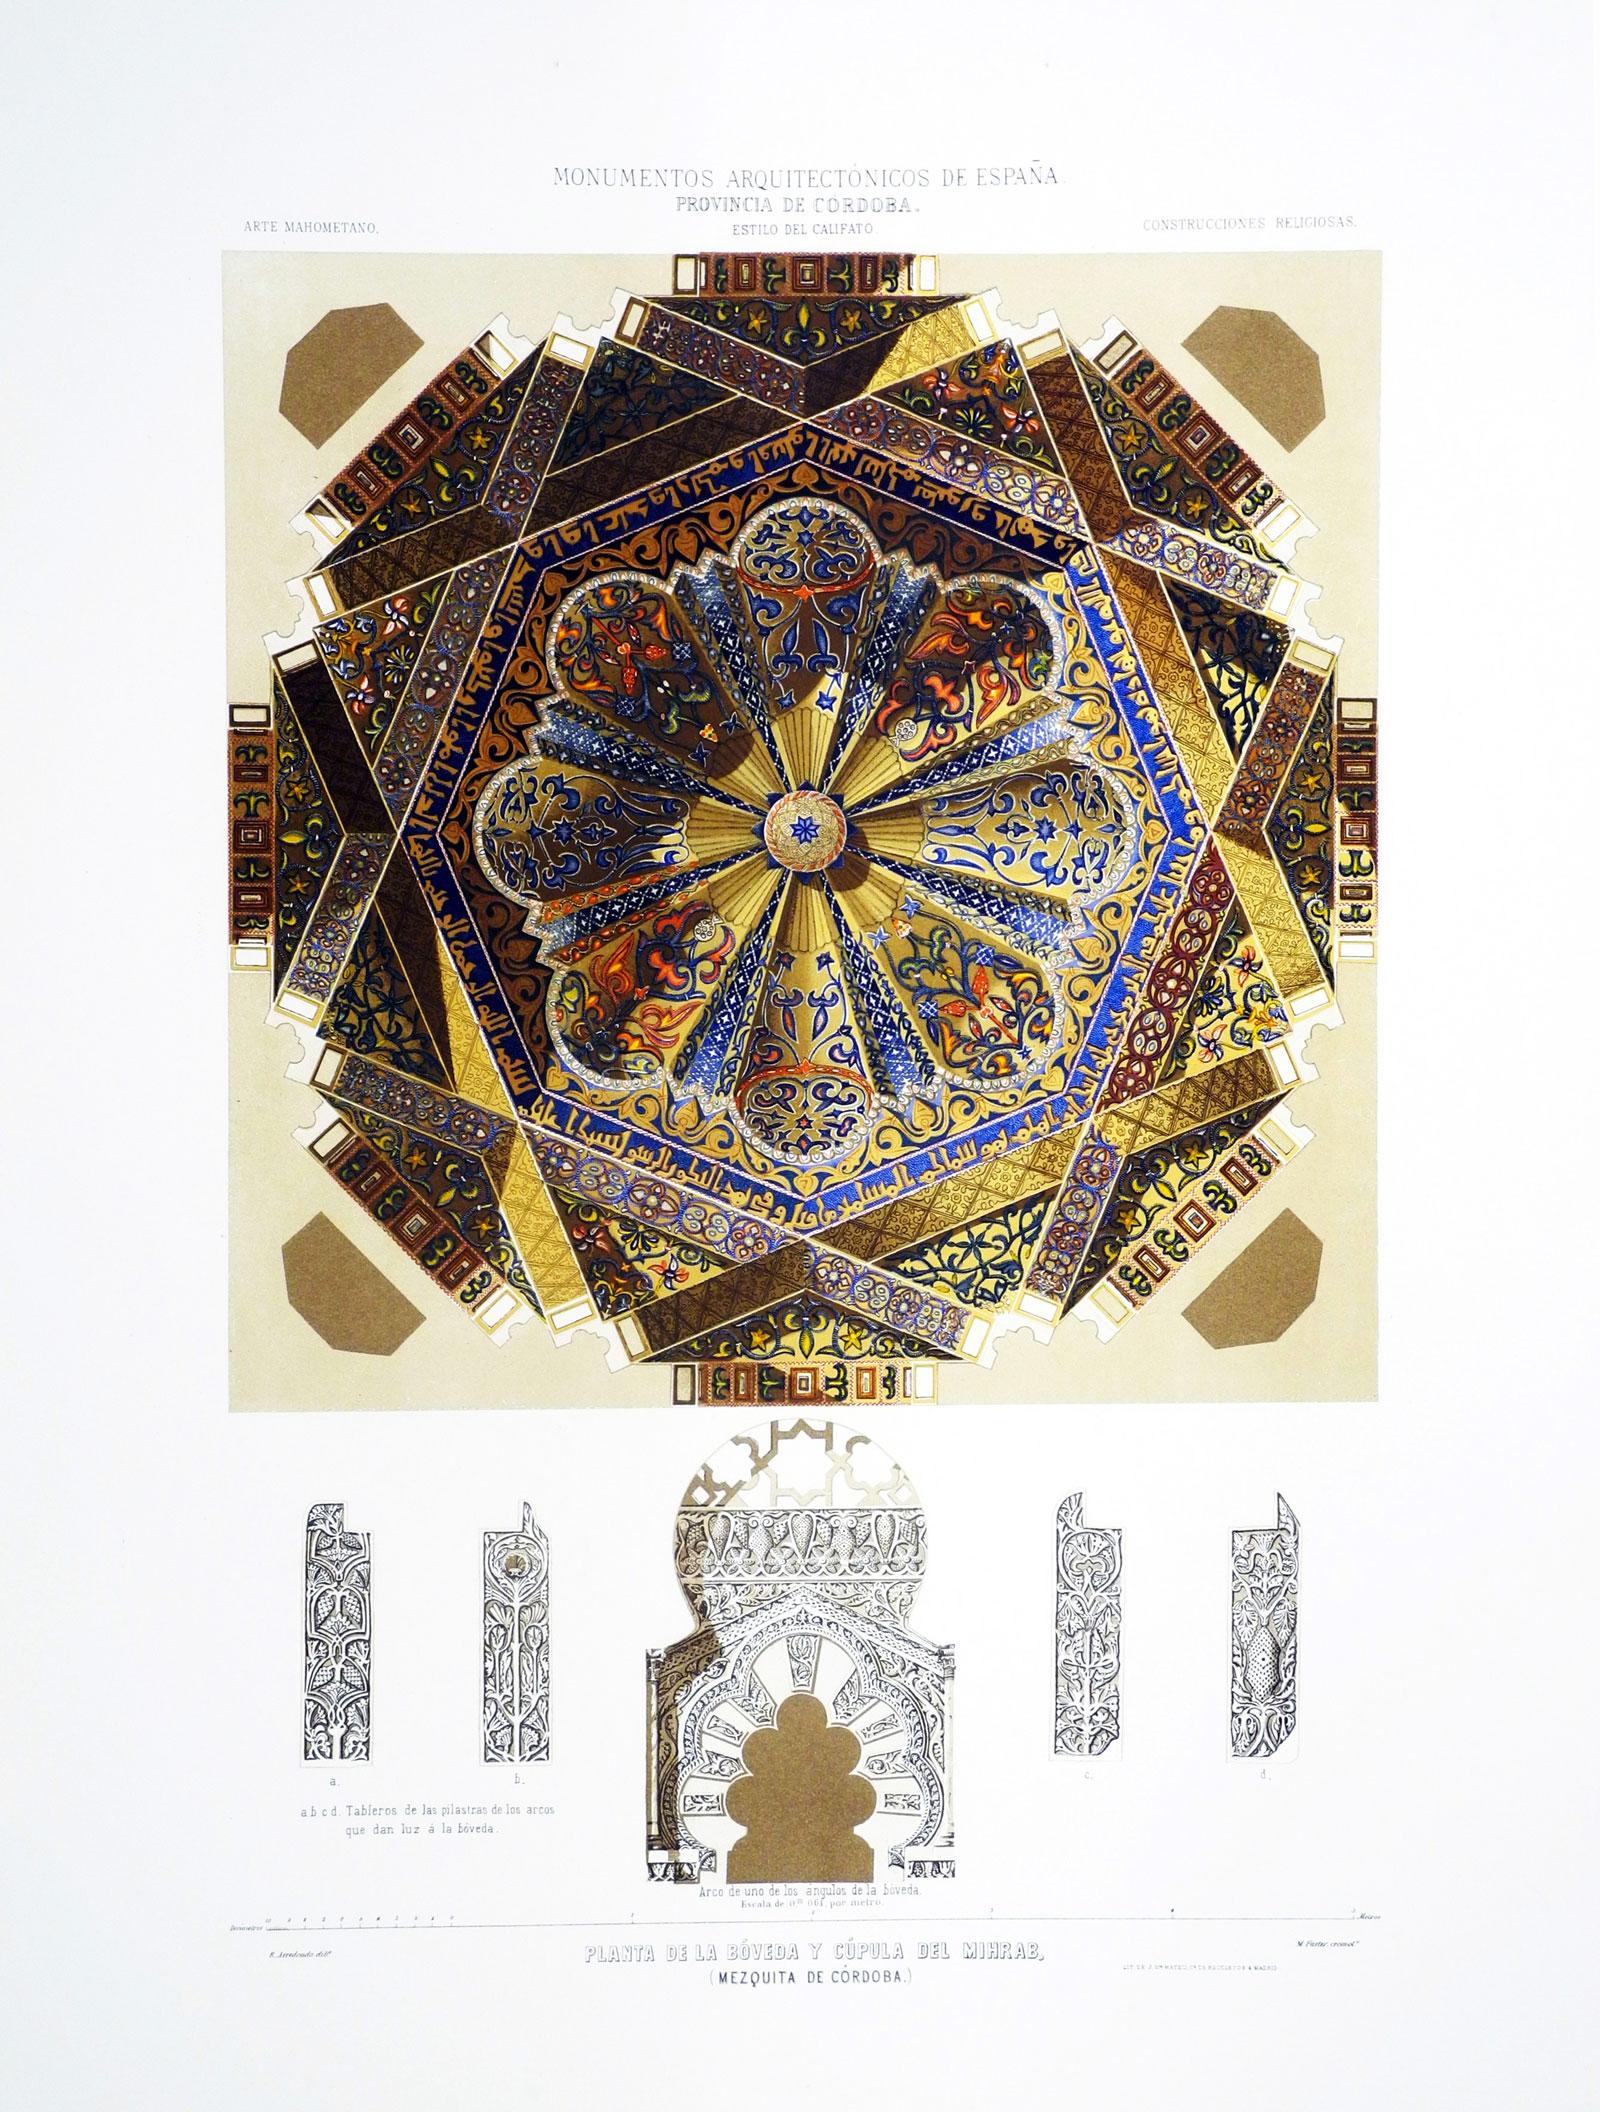 Monumentos arquitectónicos de España - Exposición Fuendetodos